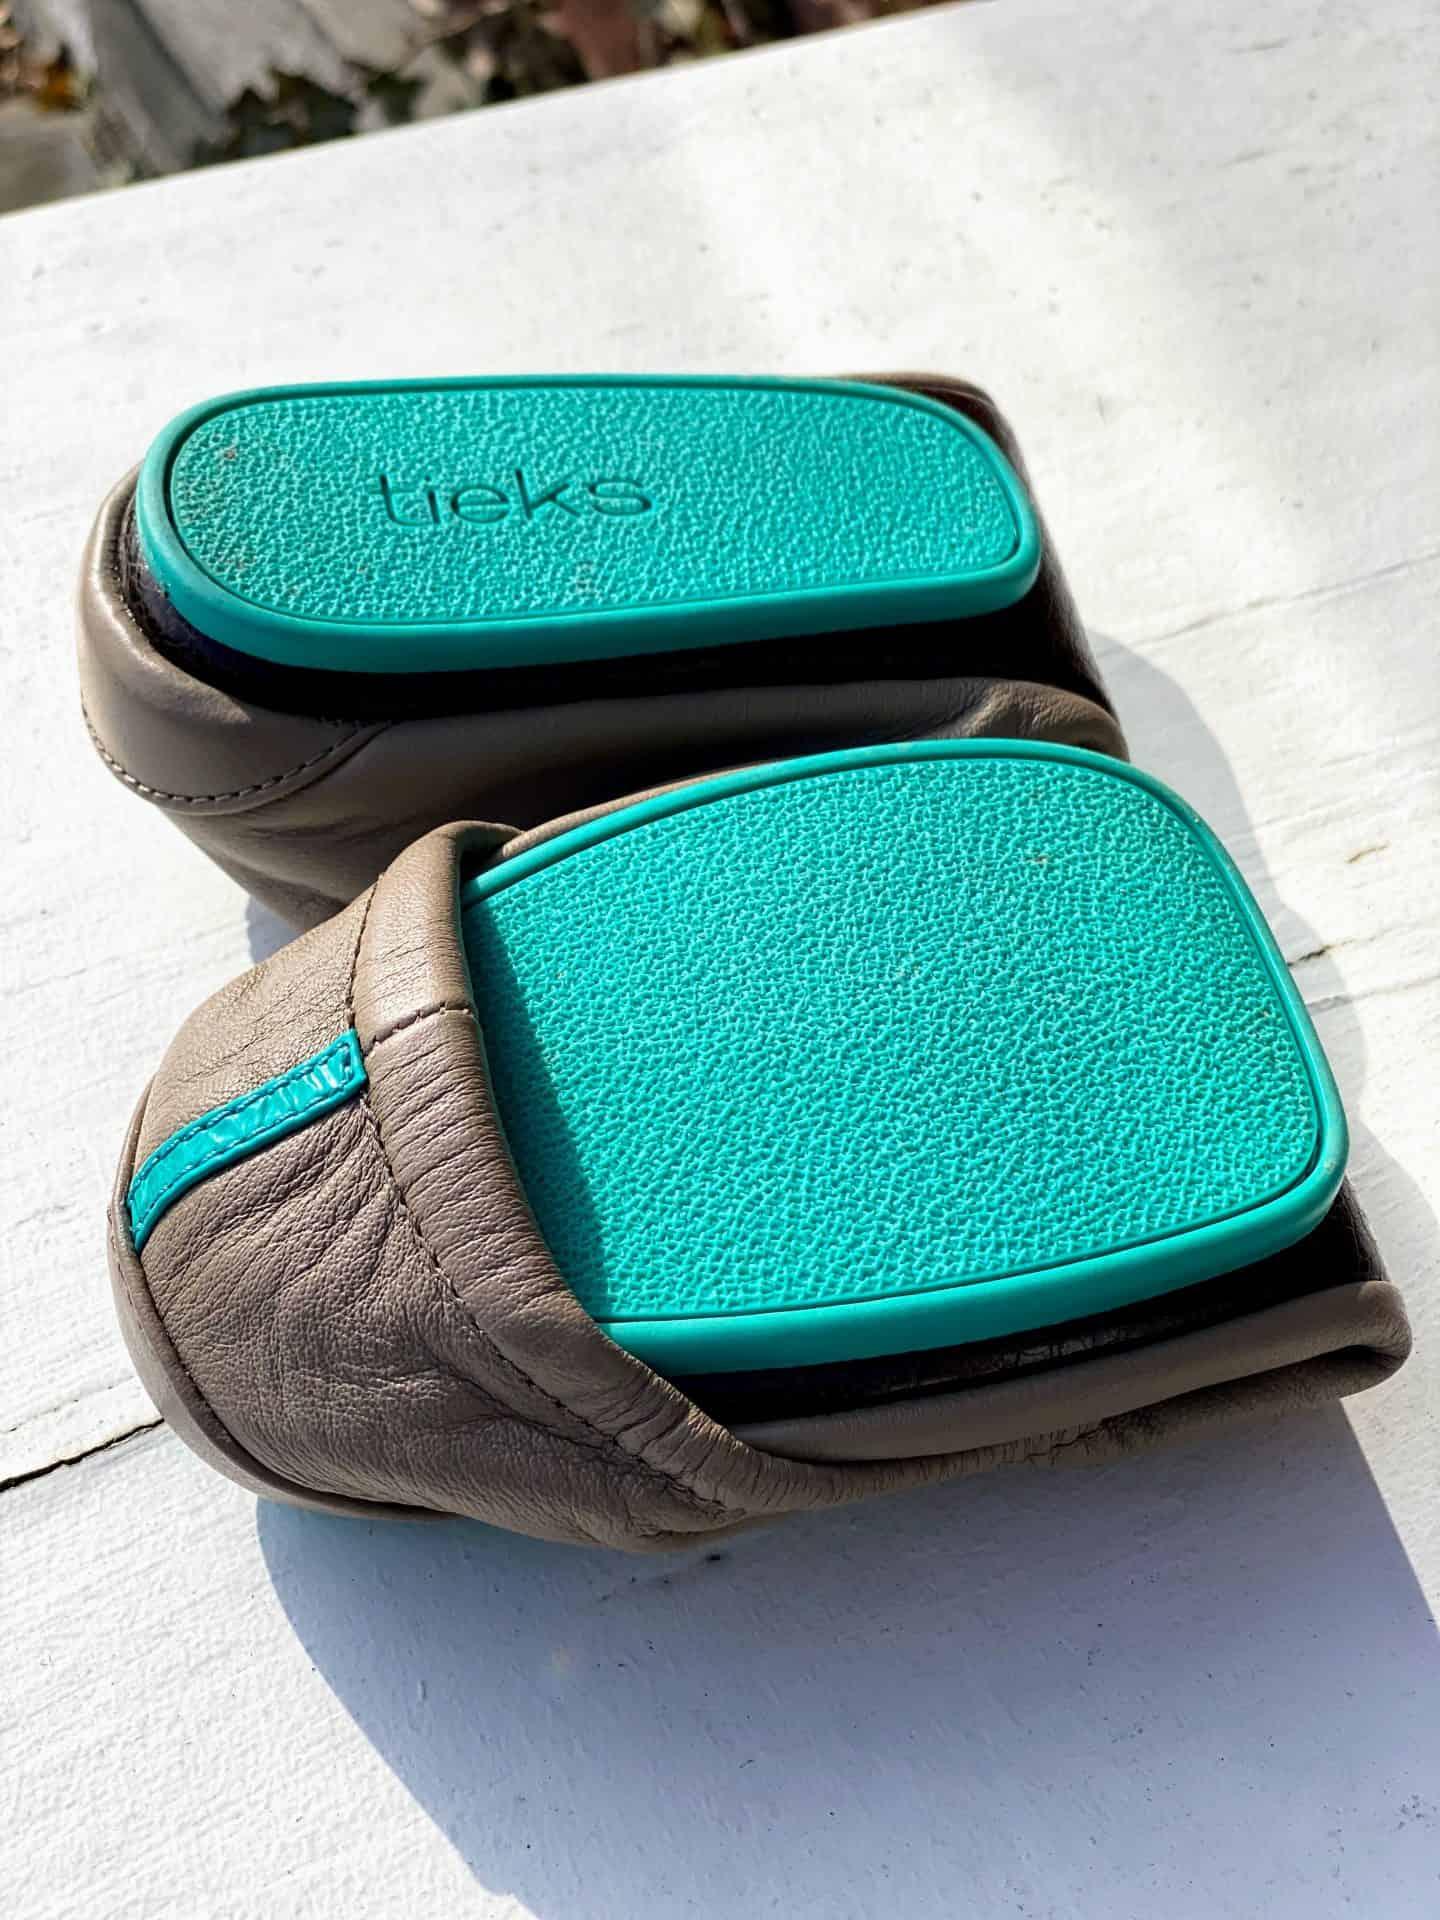 Tieks shoes blue sole